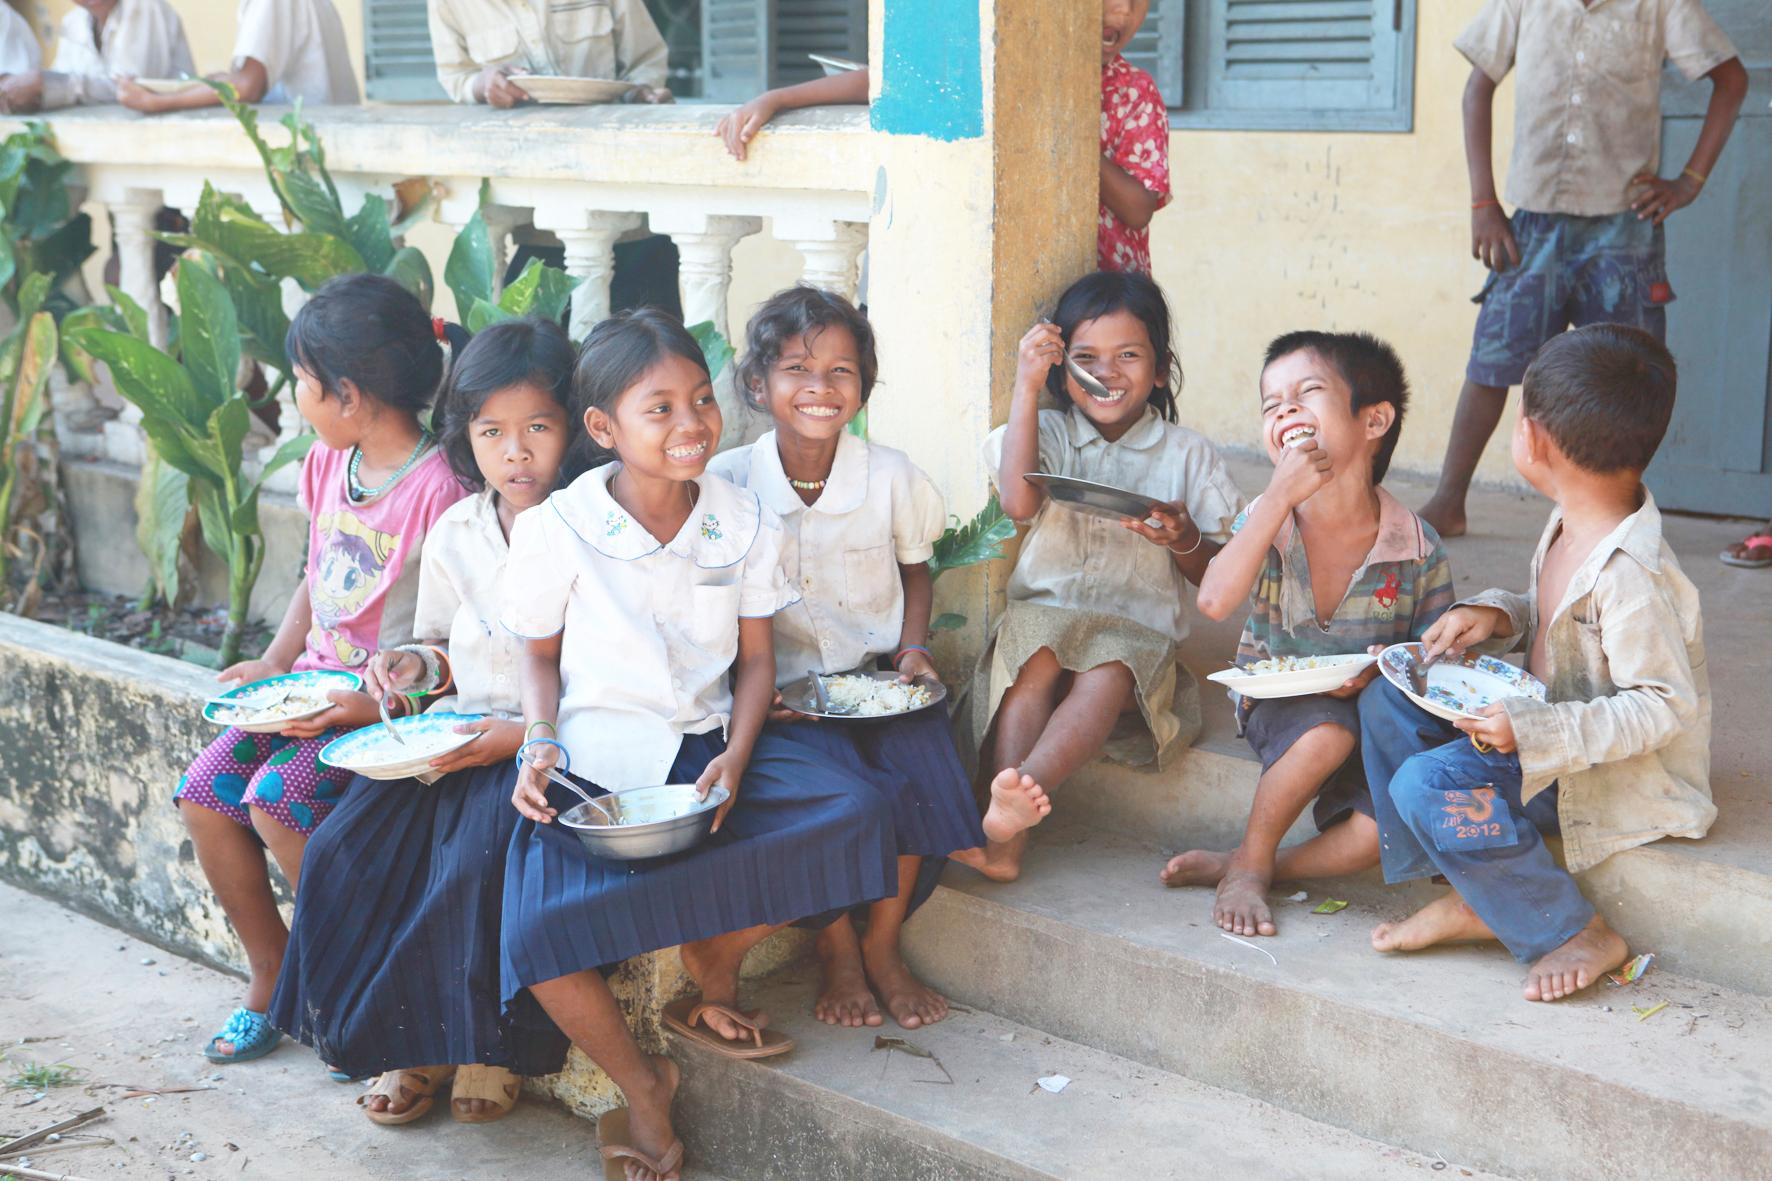 スクール・エイド・ジャパンは、途上国の孤児向けに教育支援事業を行っている